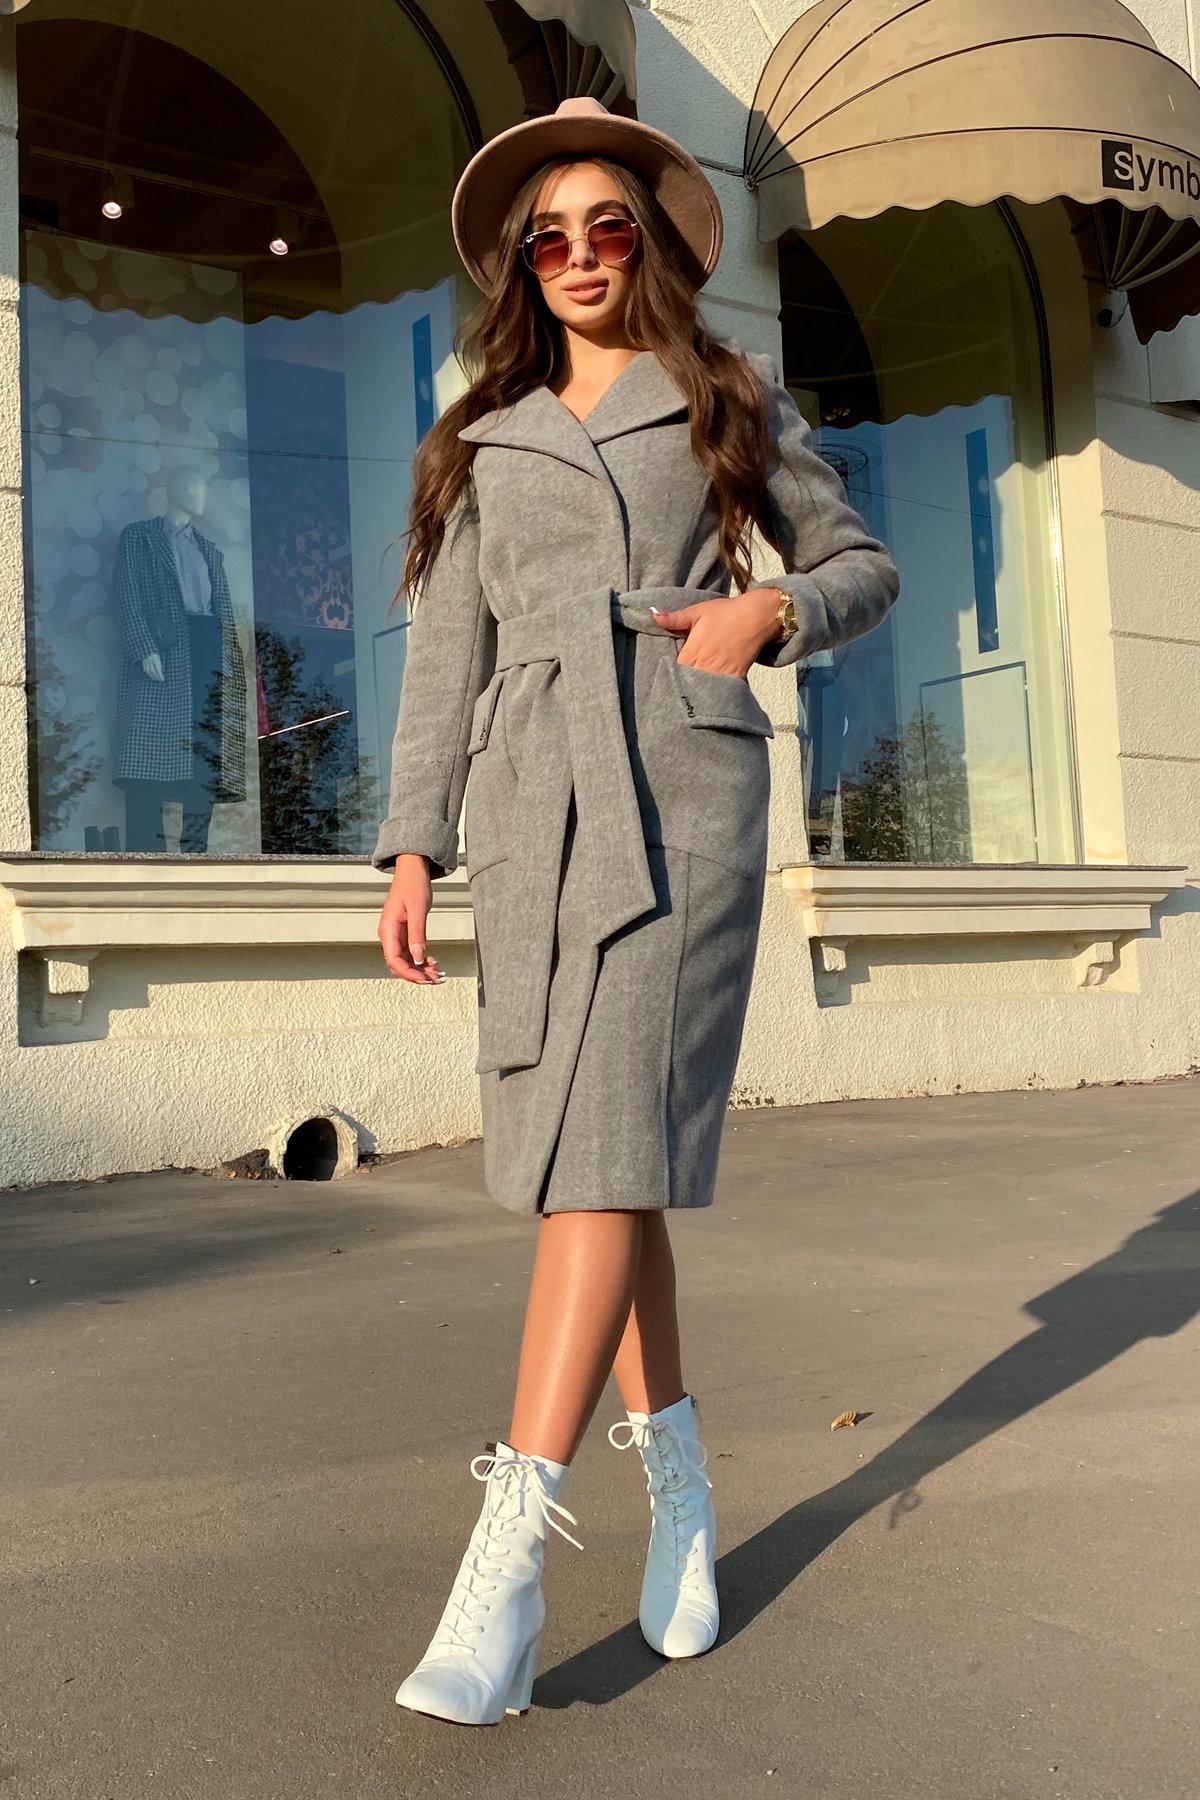 Зимнее пальто с мехом Стейси 5647 АРТ. 37855 Цвет: Серый 18 - фото 13, интернет магазин tm-modus.ru